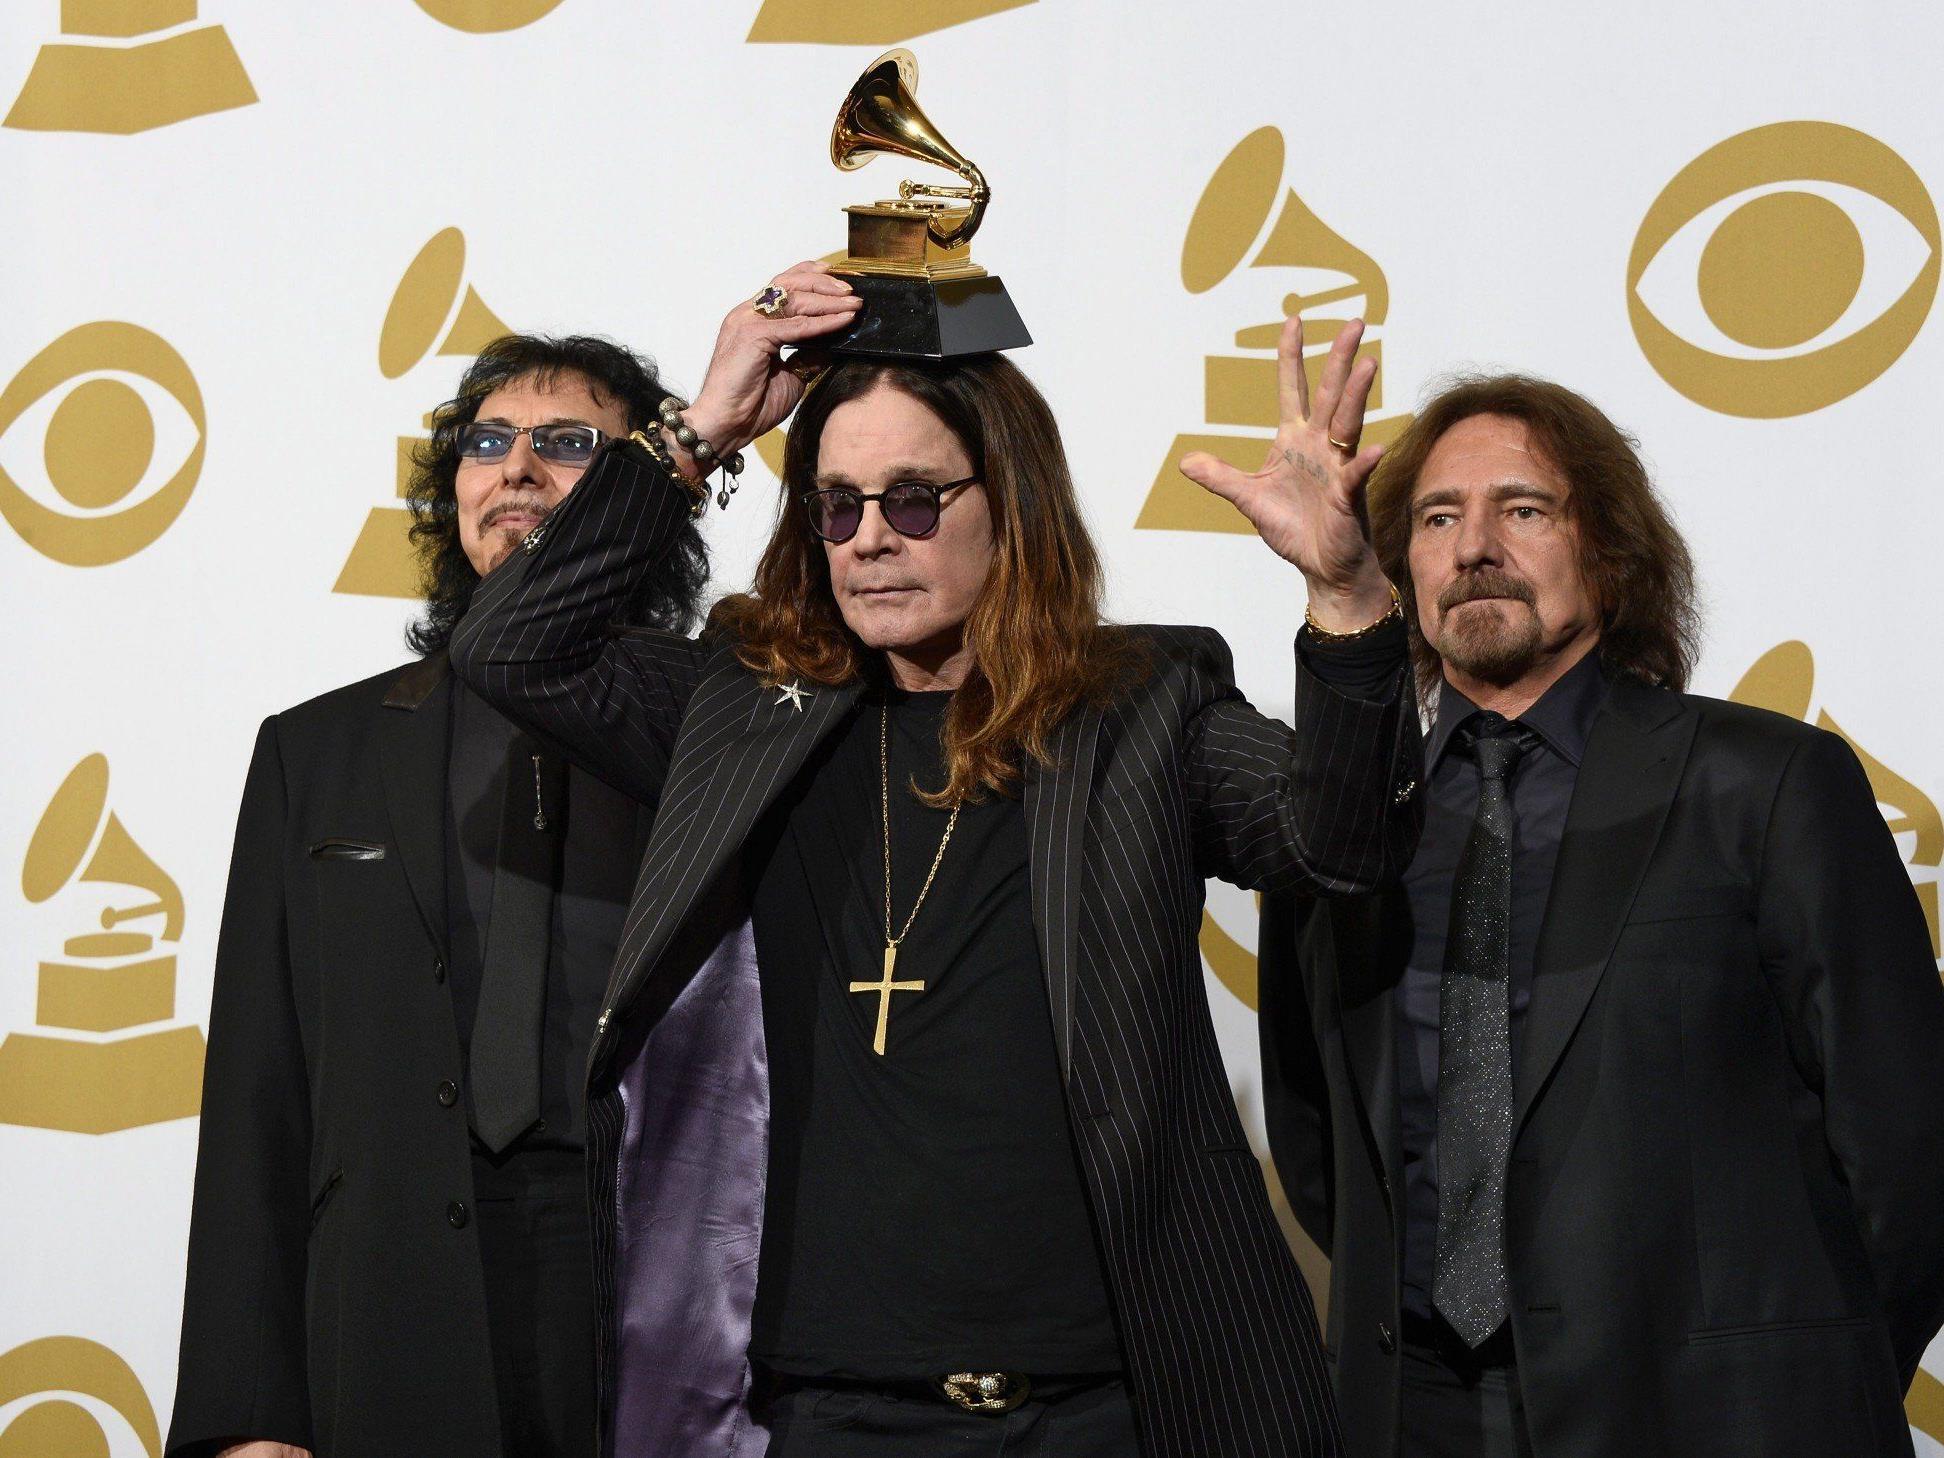 Das sind die Gewinner der Grammy-Gala 2014 in Los Angeles.